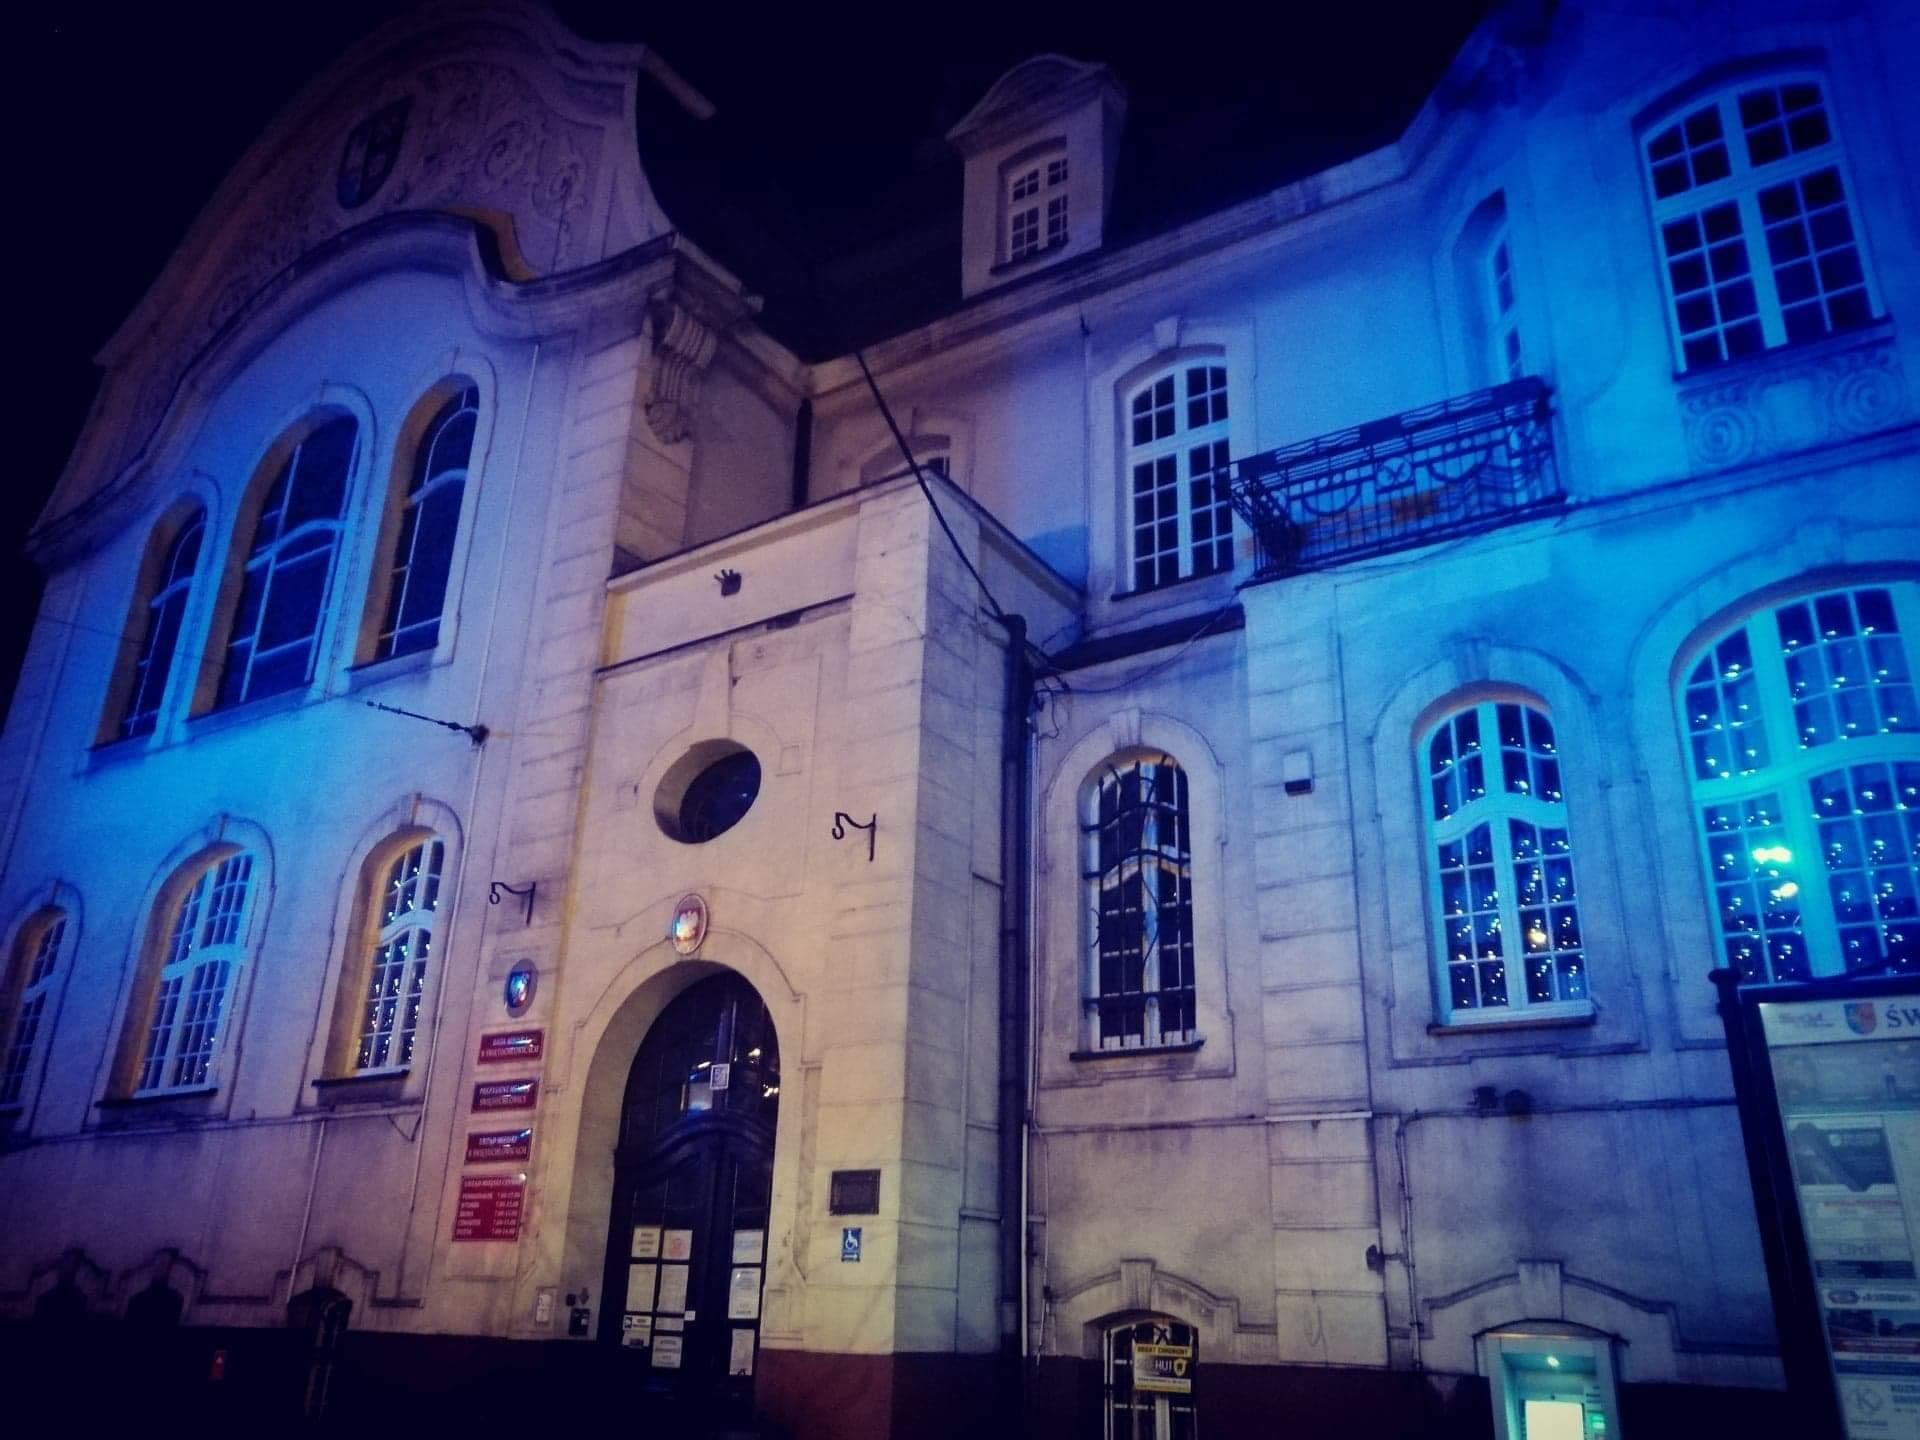 Urząd Miejski w Świętochłowicach w niebieskich barwach